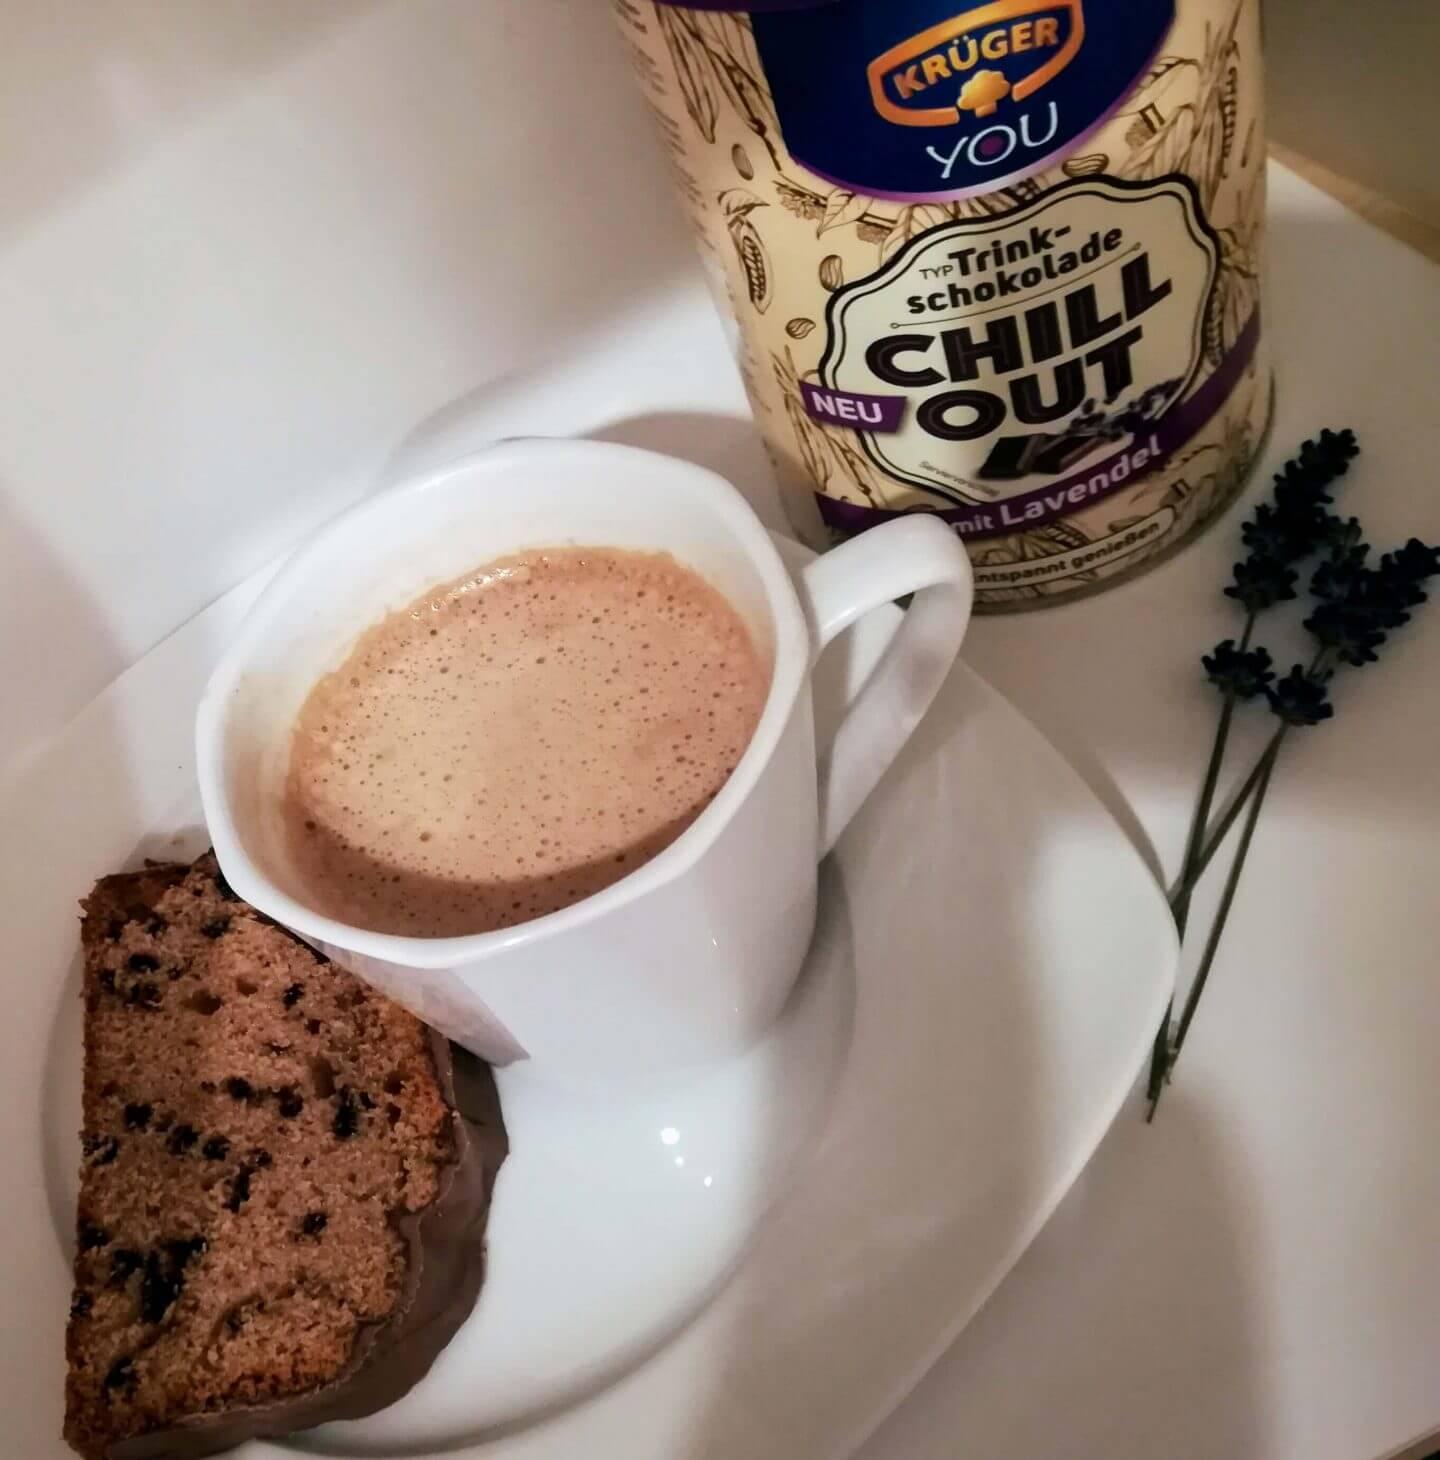 Schokokuchen mit Krüger Chill Out Trinkschokolade